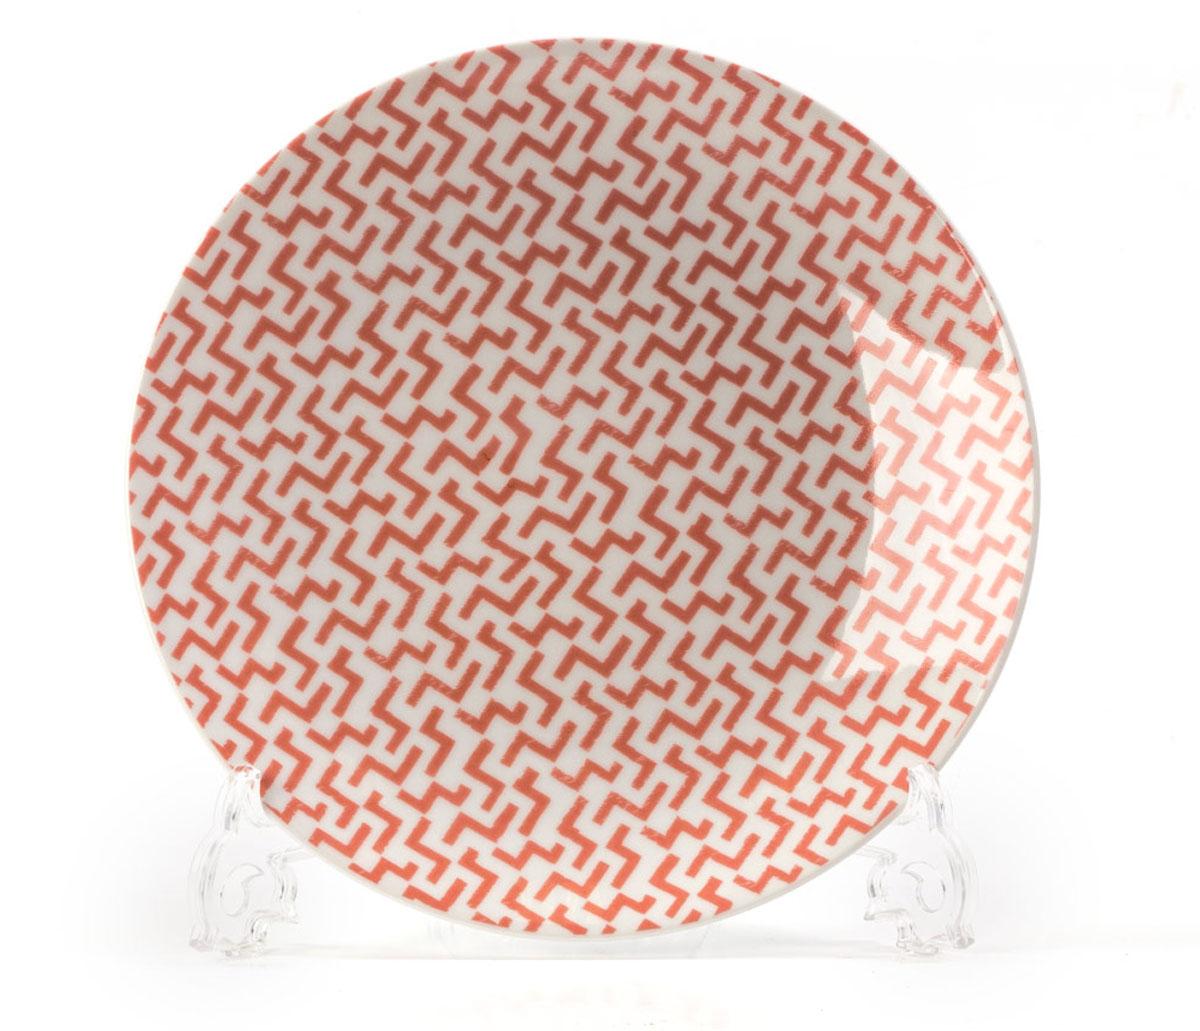 """Фото Тарелка La Rose des Sables """"Лабиринт"""", цвет: розовый, диаметр 21 см. Купить  в РФ"""